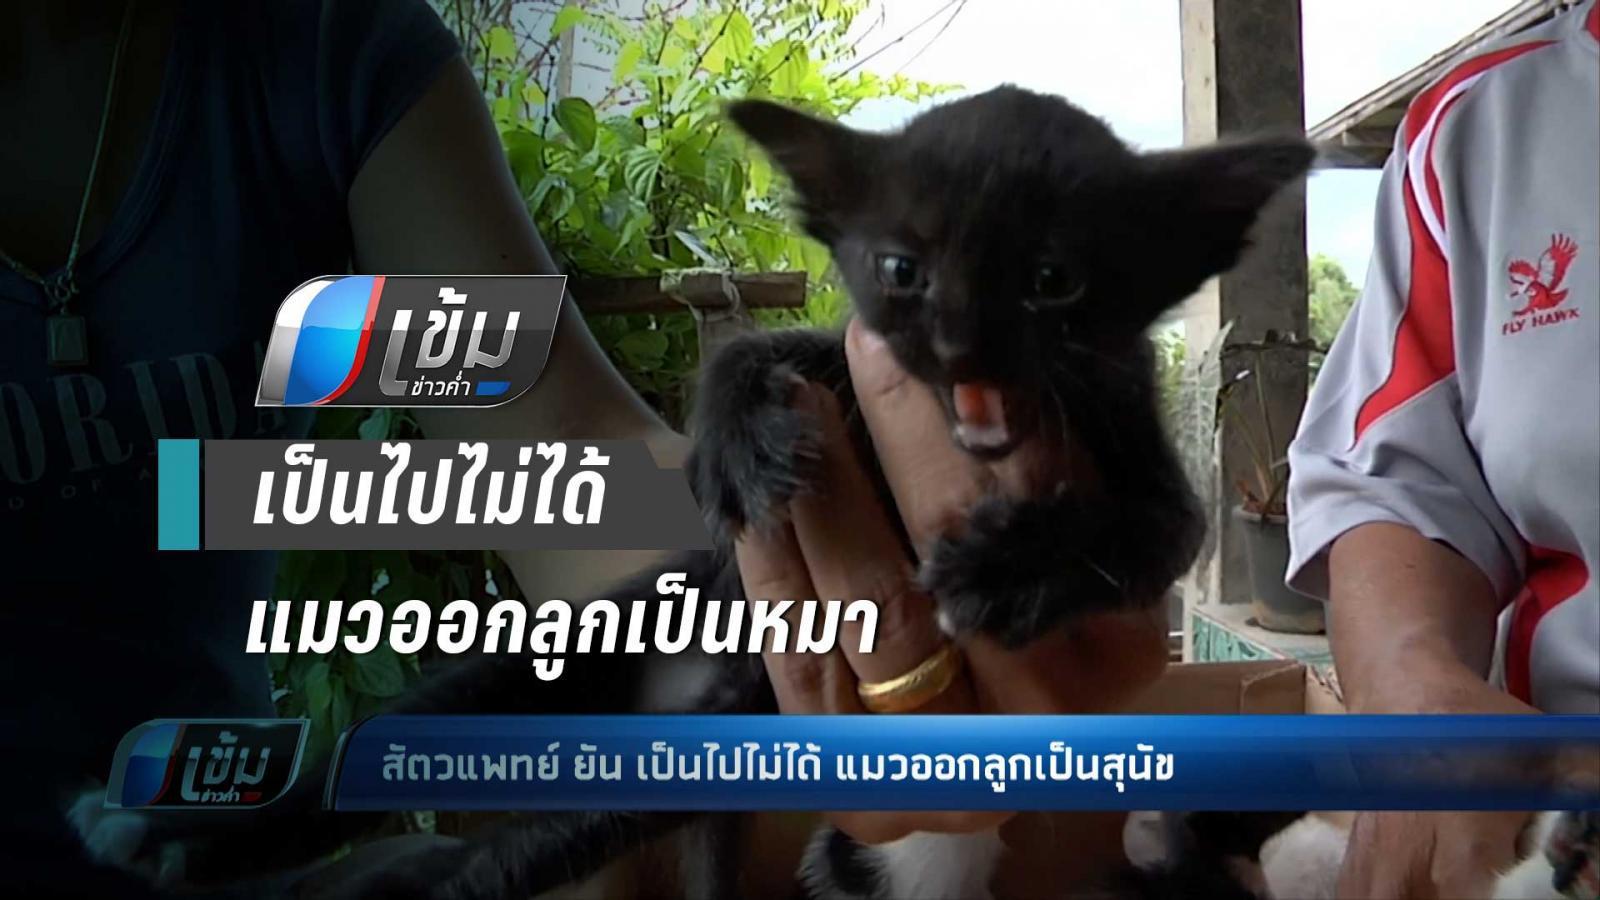 สัตวแพทย์ ยัน เป็นไปไม่ได้ แมวออกลูกเป็นหมา